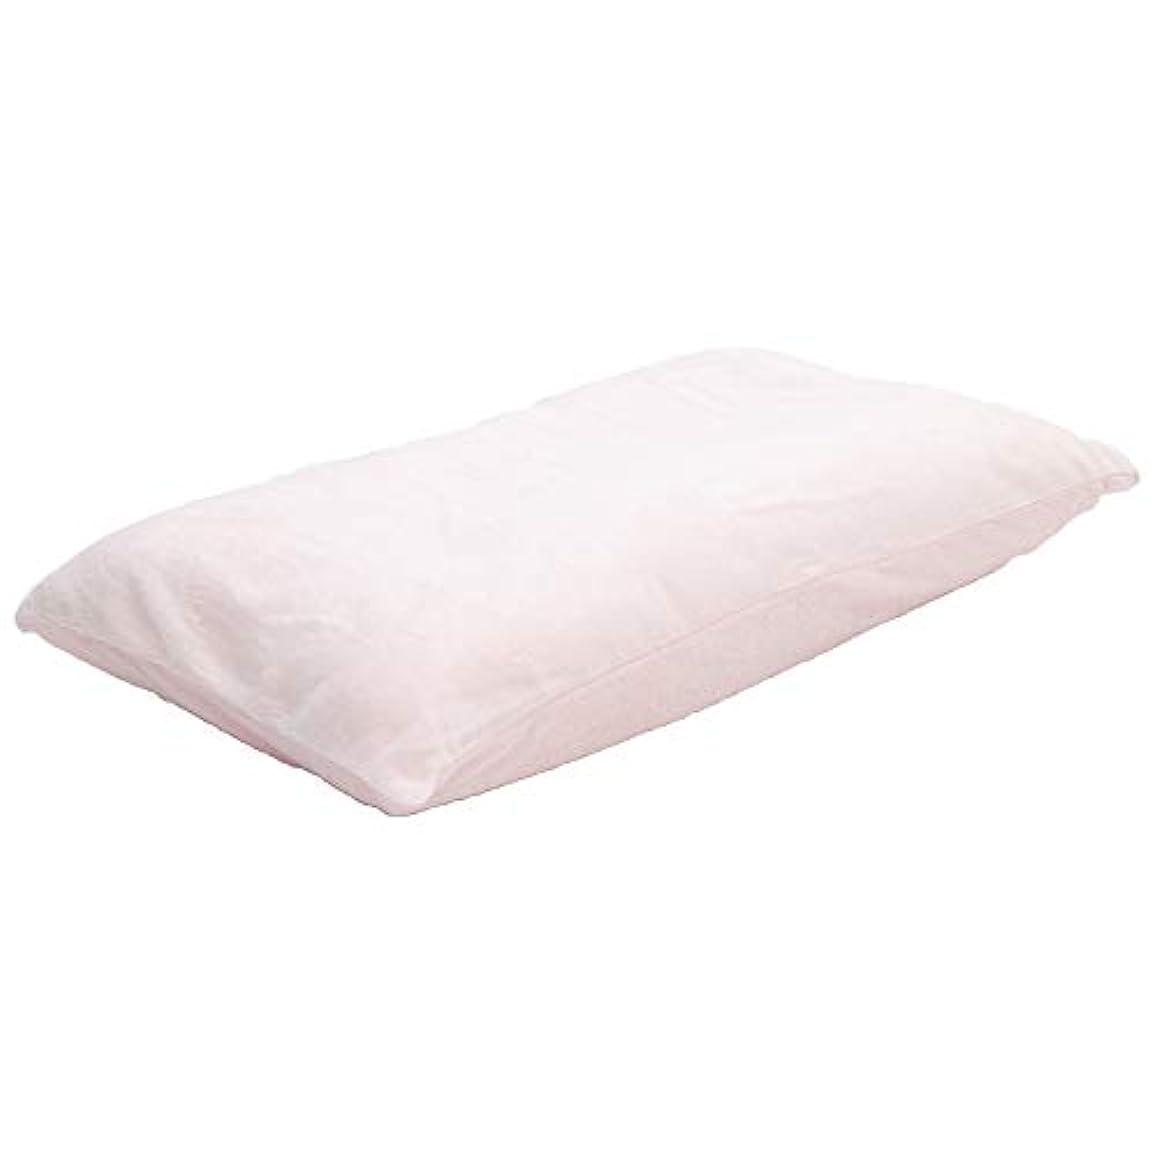 罰構築する定義ゆったりリッチ 低反発チップリバーシブル枕 ワイドサイズ 専用洗えるカバー付き 2人で使える ロング 大きい 夫婦 ファミリー 抱き枕 ゆったり 40X70cm PK